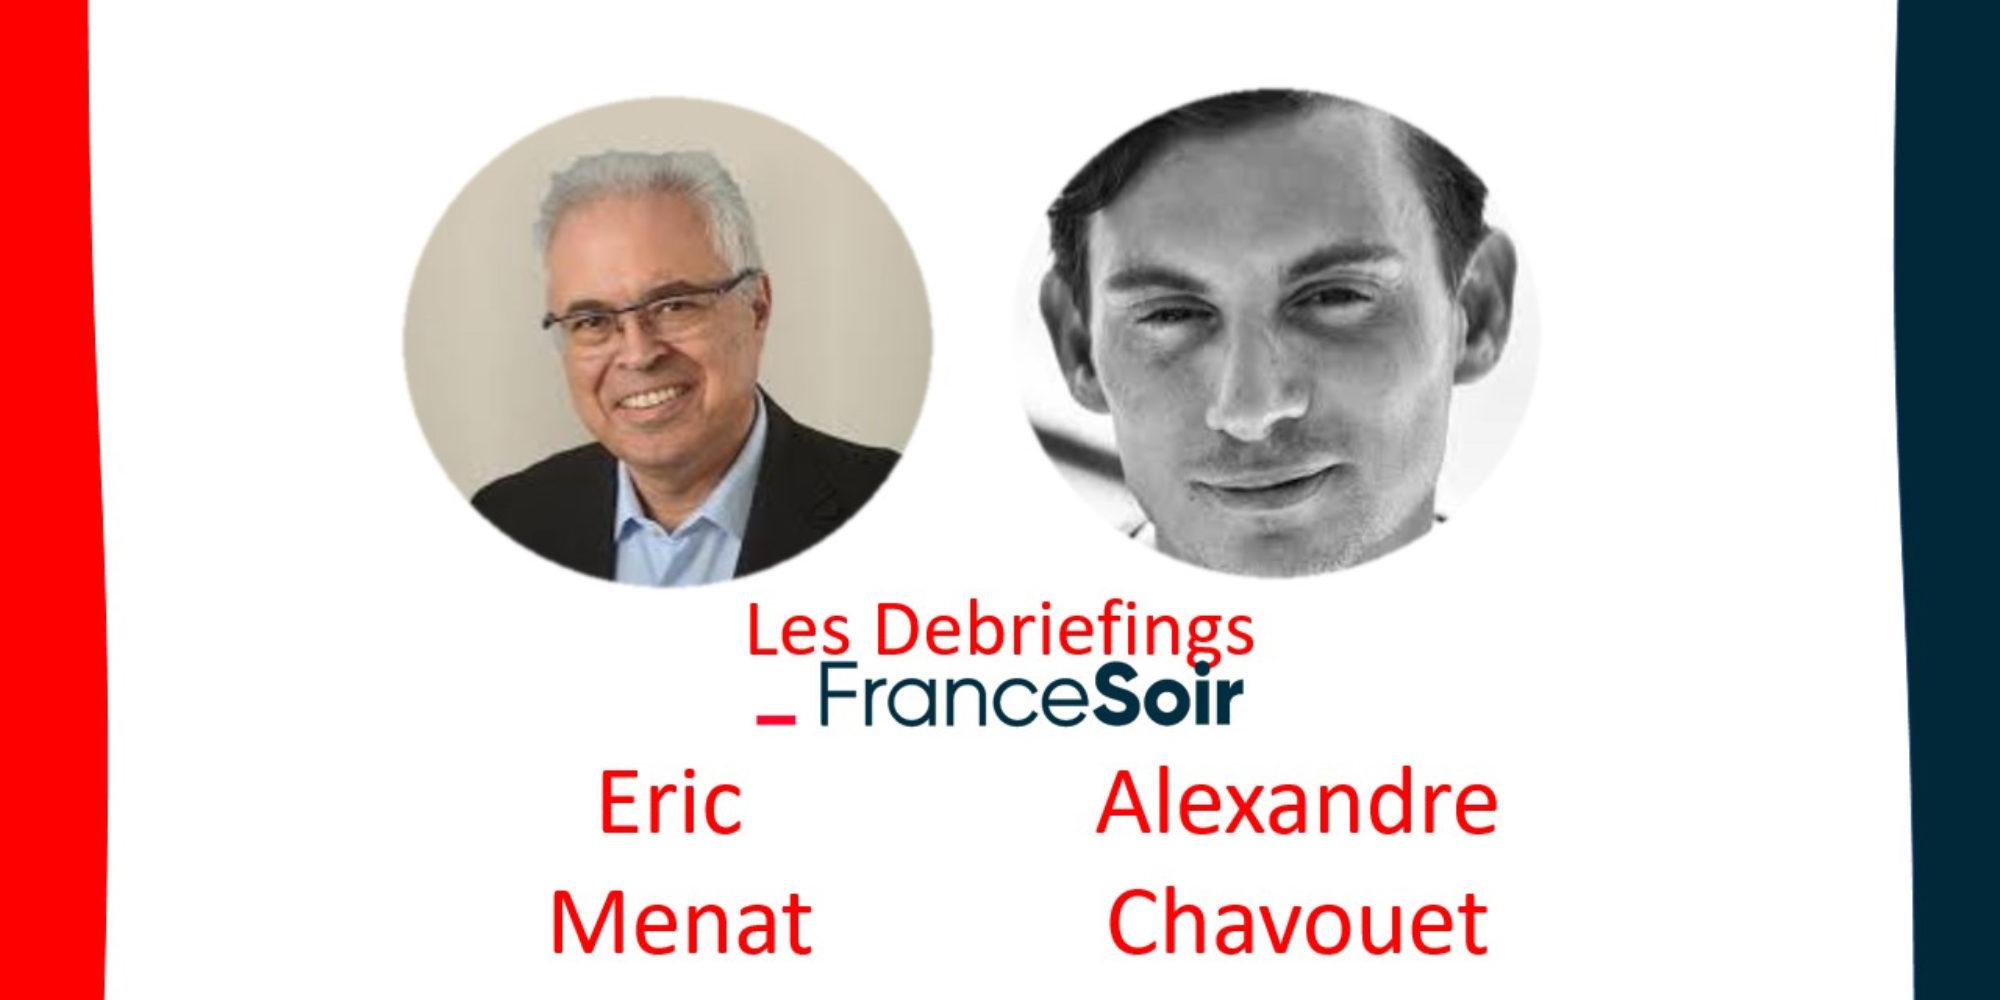 alexandre-chavouet-dr-eric-menat